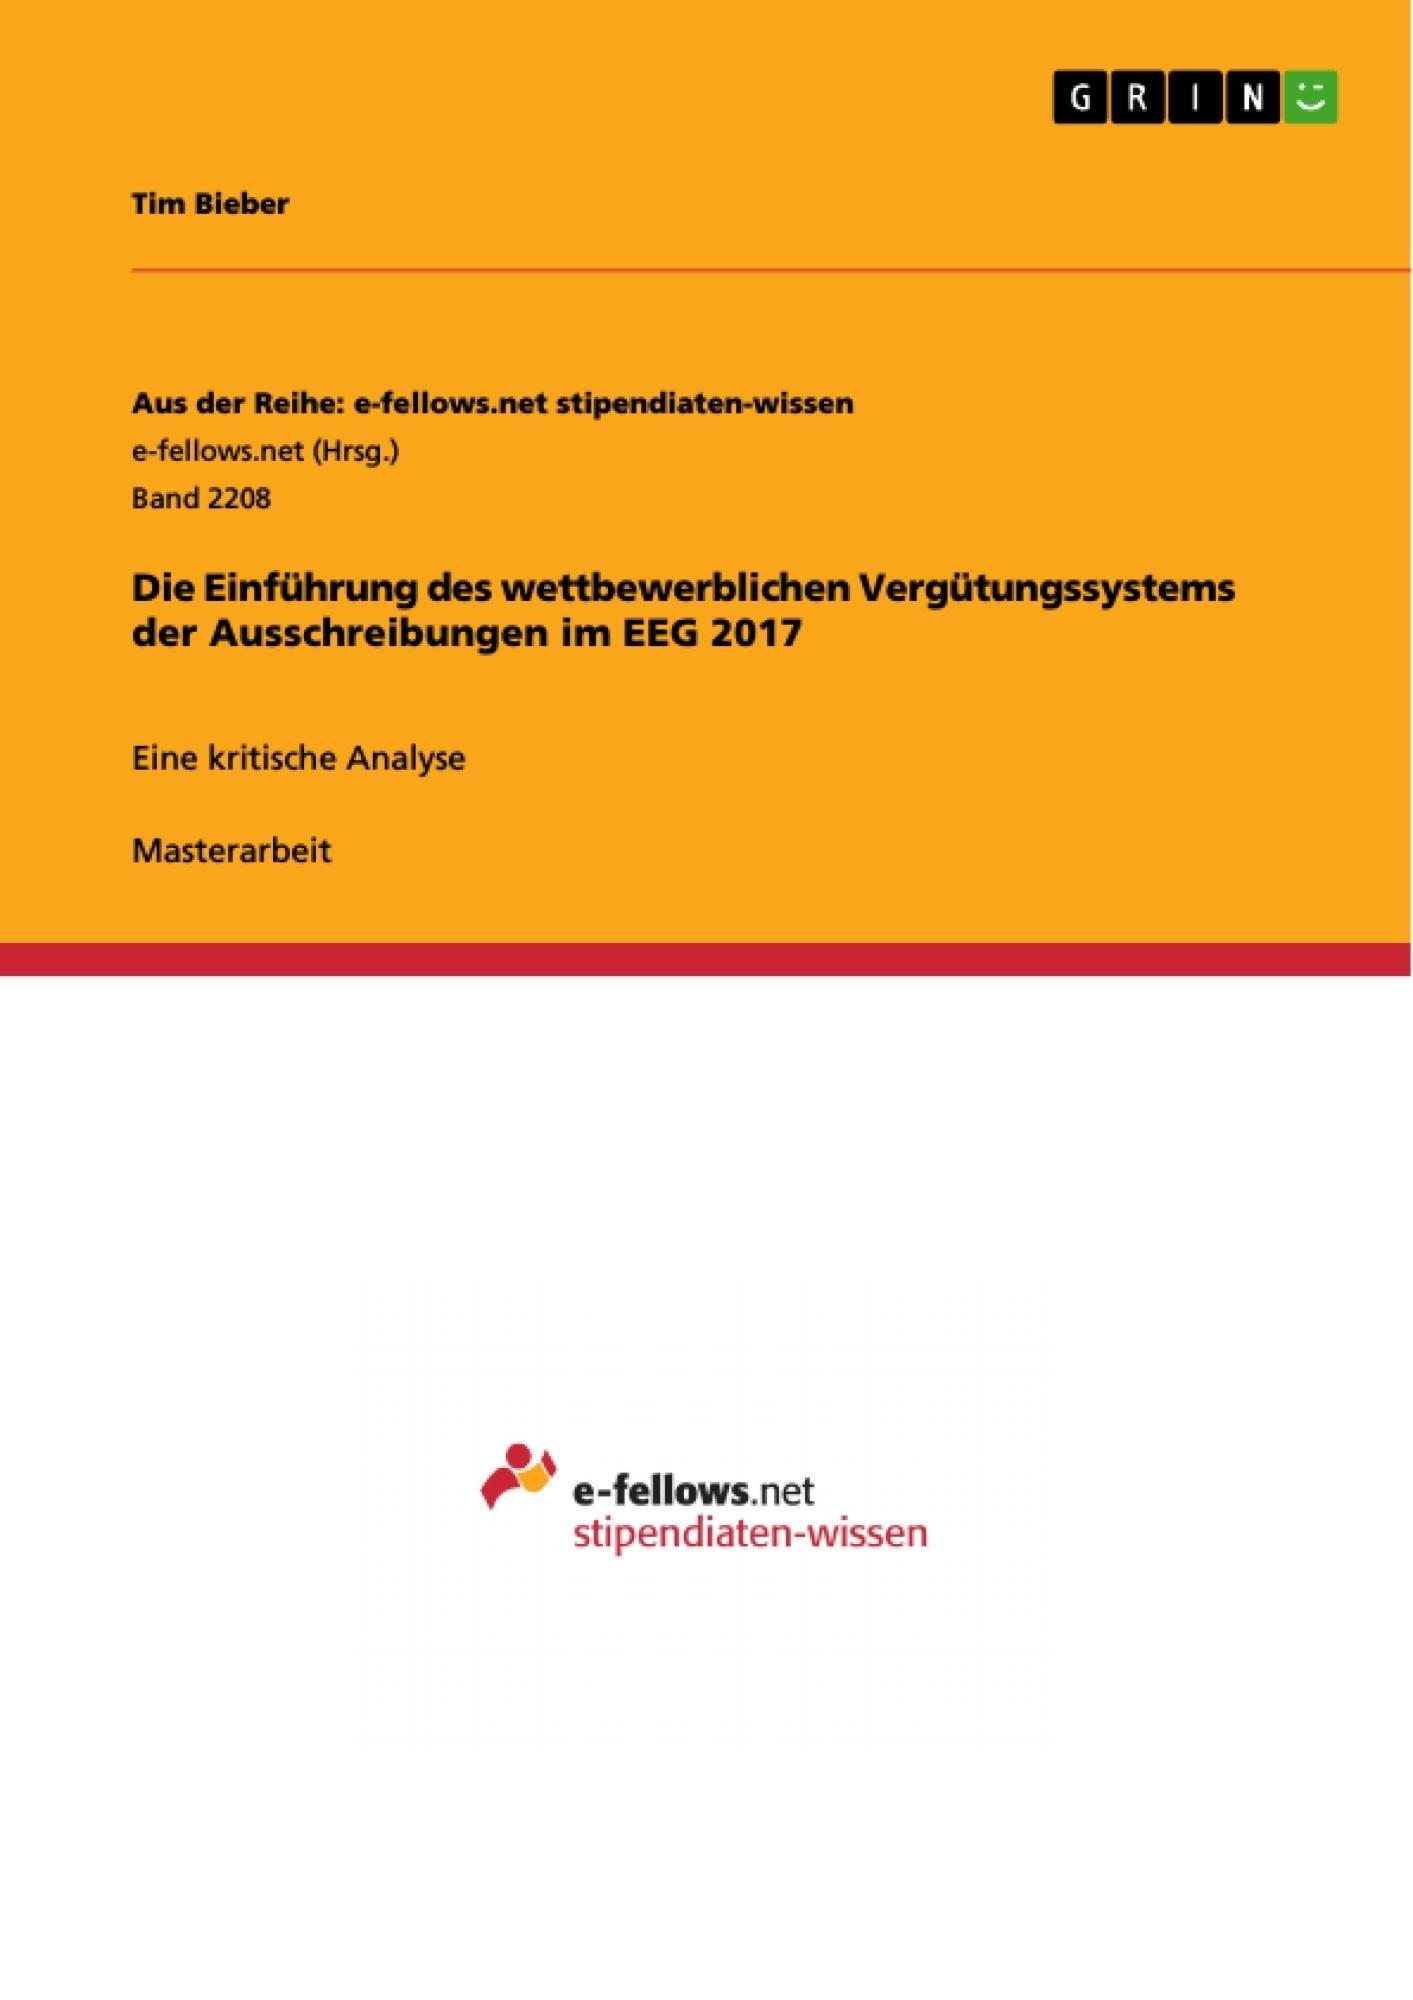 Titel: Die Einführung des wettbewerblichen Vergütungssystems der Ausschreibungen im EEG 2017